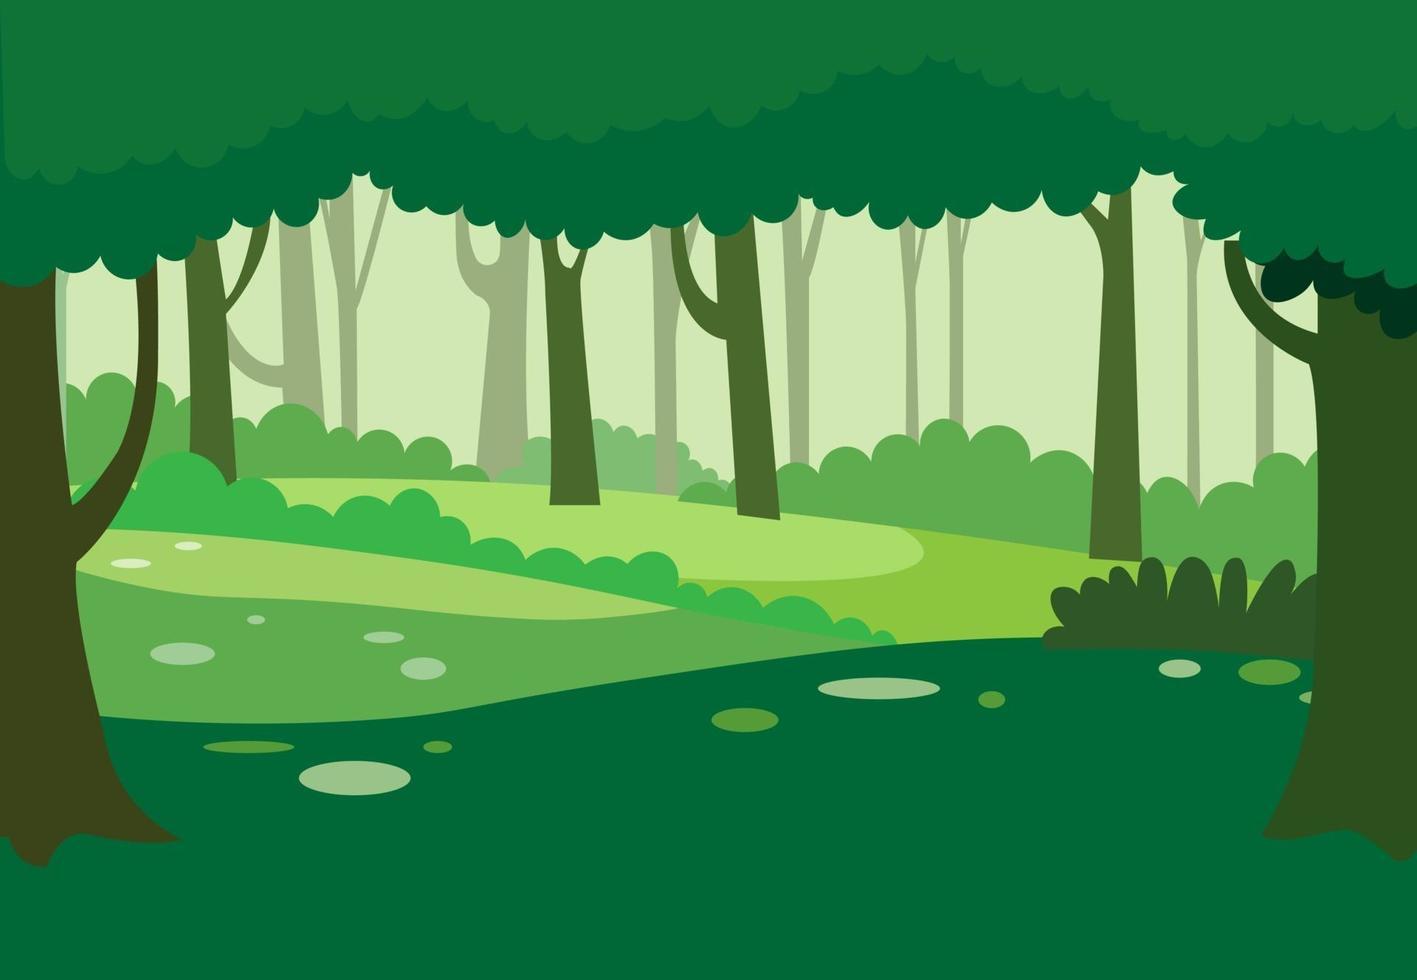 vetor de fundo verde floresta natural. paisagem natural com árvores. cena da natureza da selva.